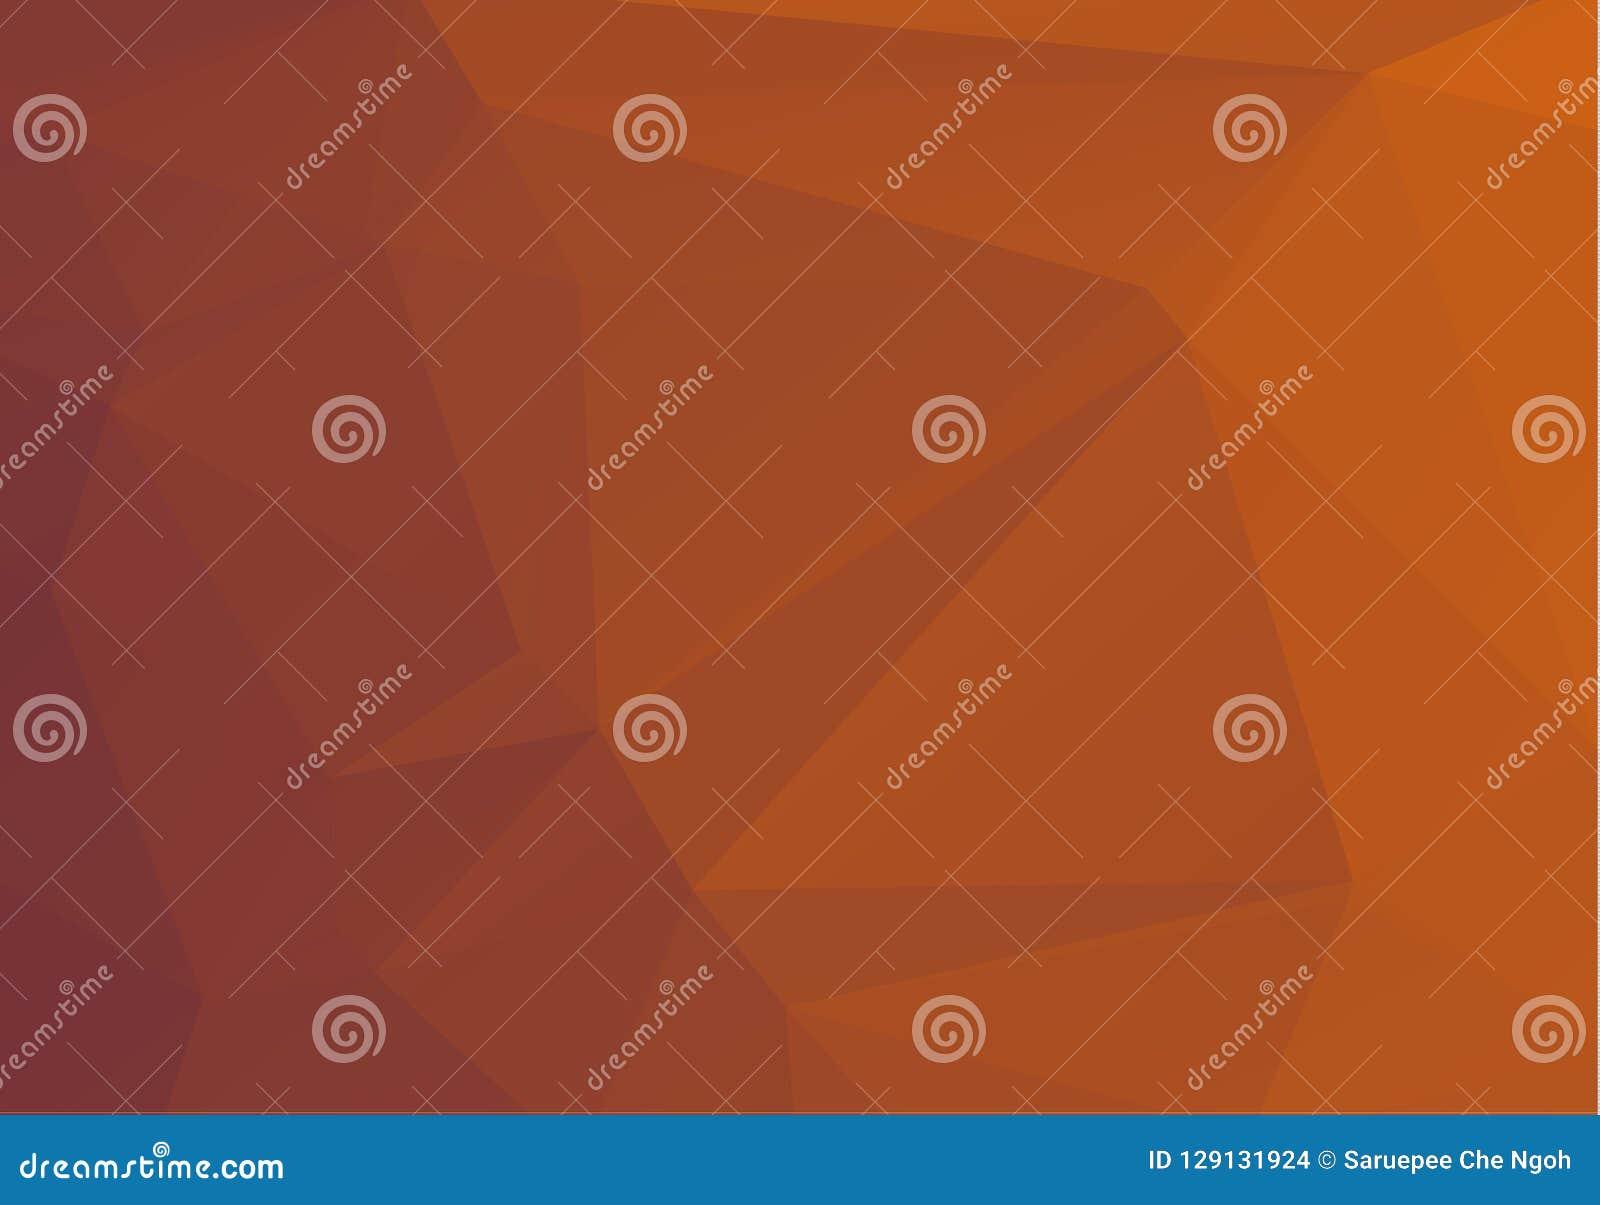 Modèle géométrique multicolore abstrait de gradient orange et brun Fond de triangles Abrégé sur polygonal trame pour votre concep